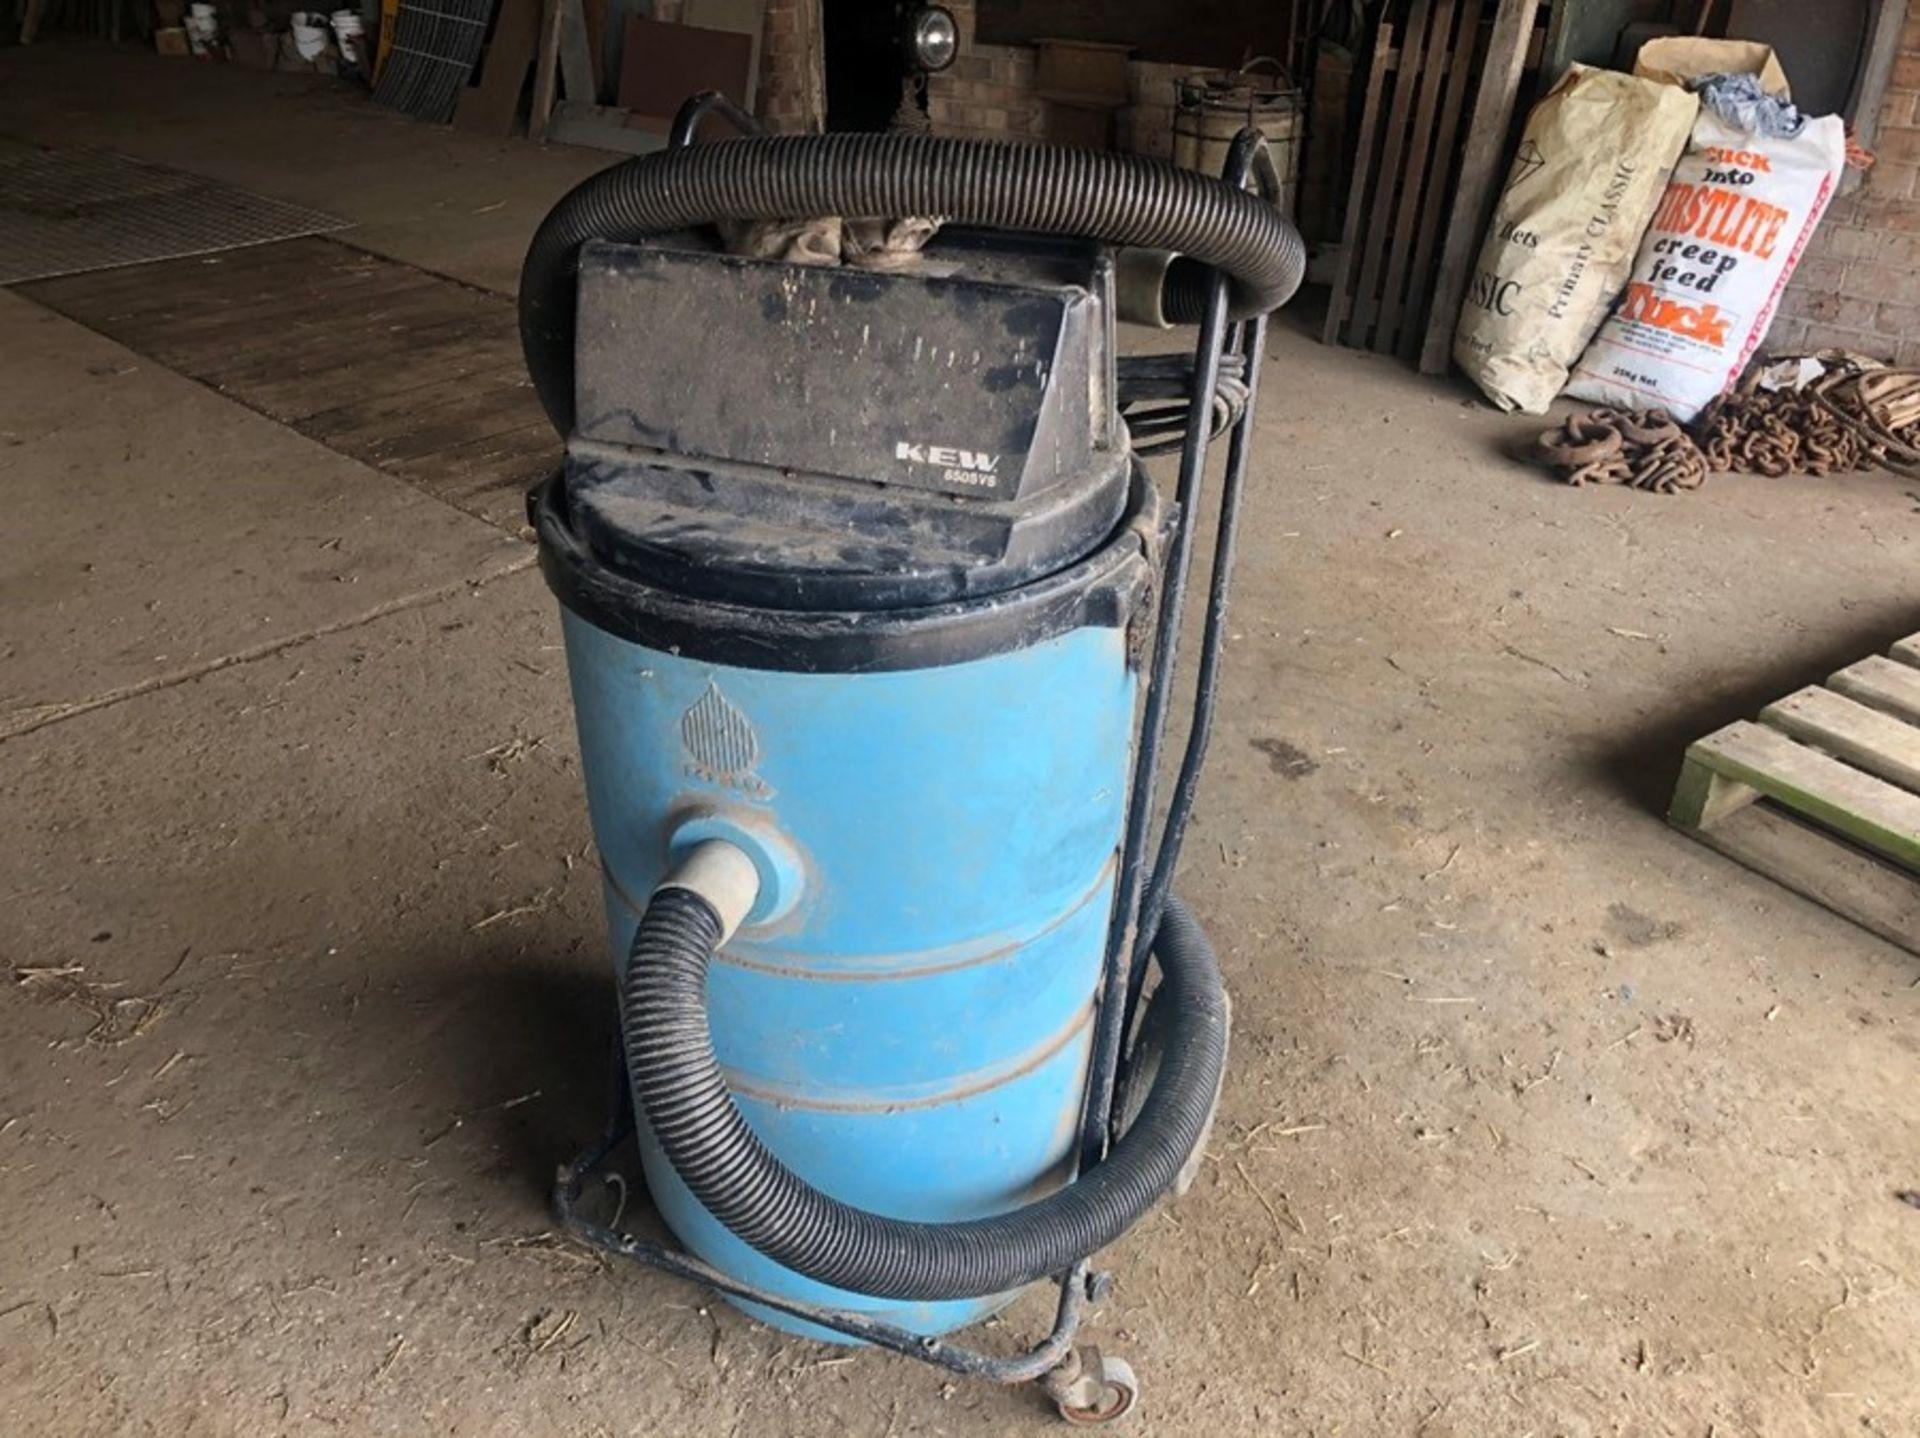 Kew pneumatic vacuum - Passed PAT test